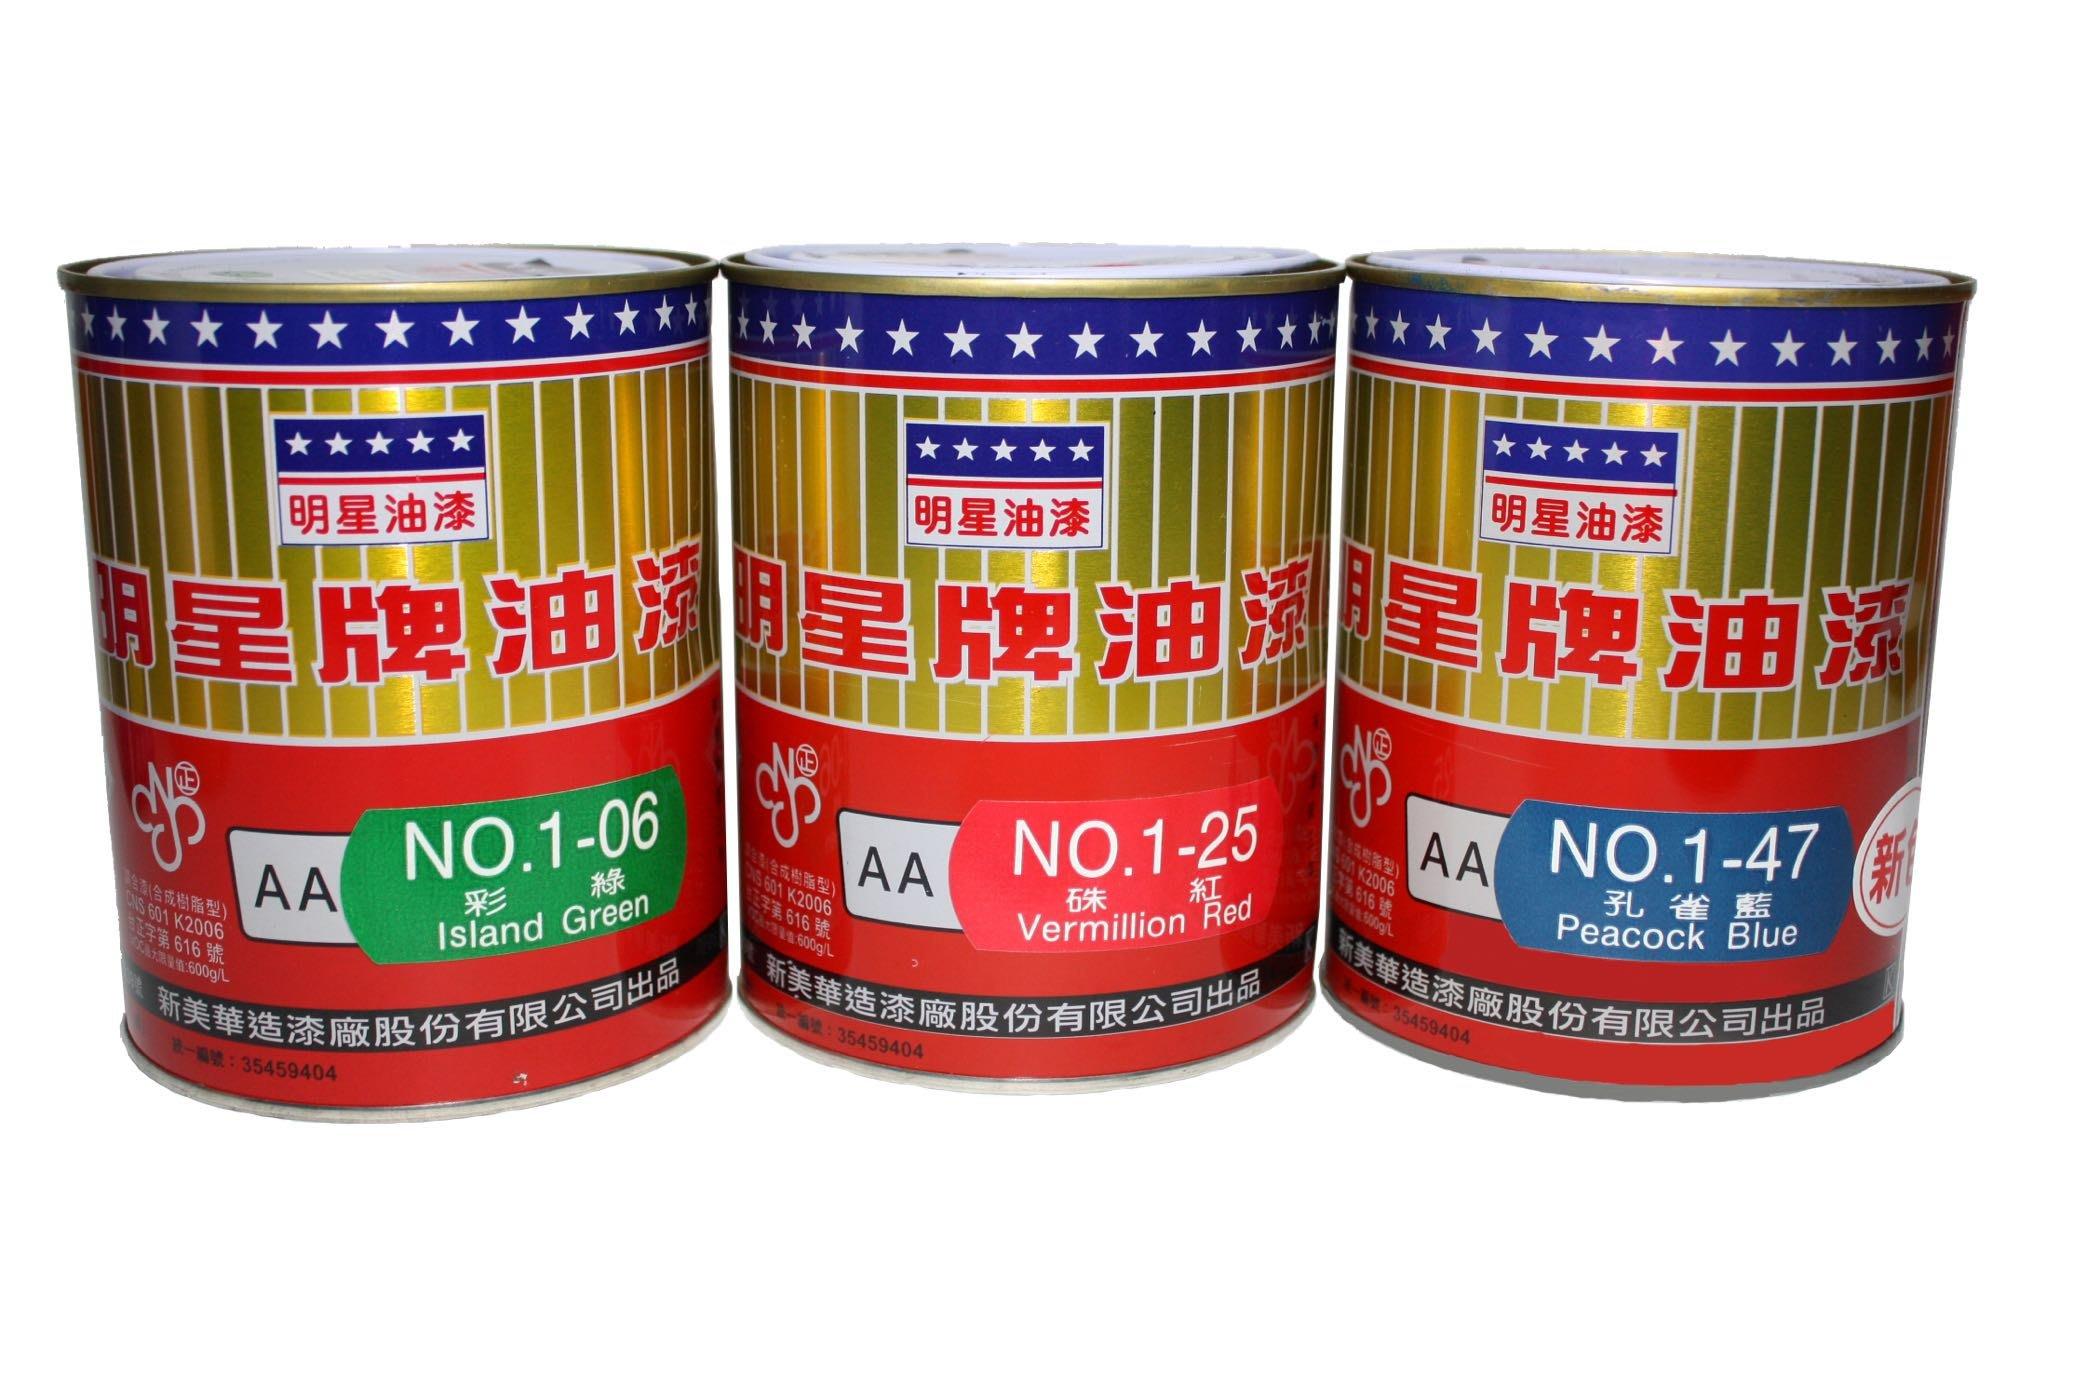 明星油漆 1公升 油性漆 室外漆 塗料 鐵件 木材 石材 修繕 改造 油老爺快速出貨